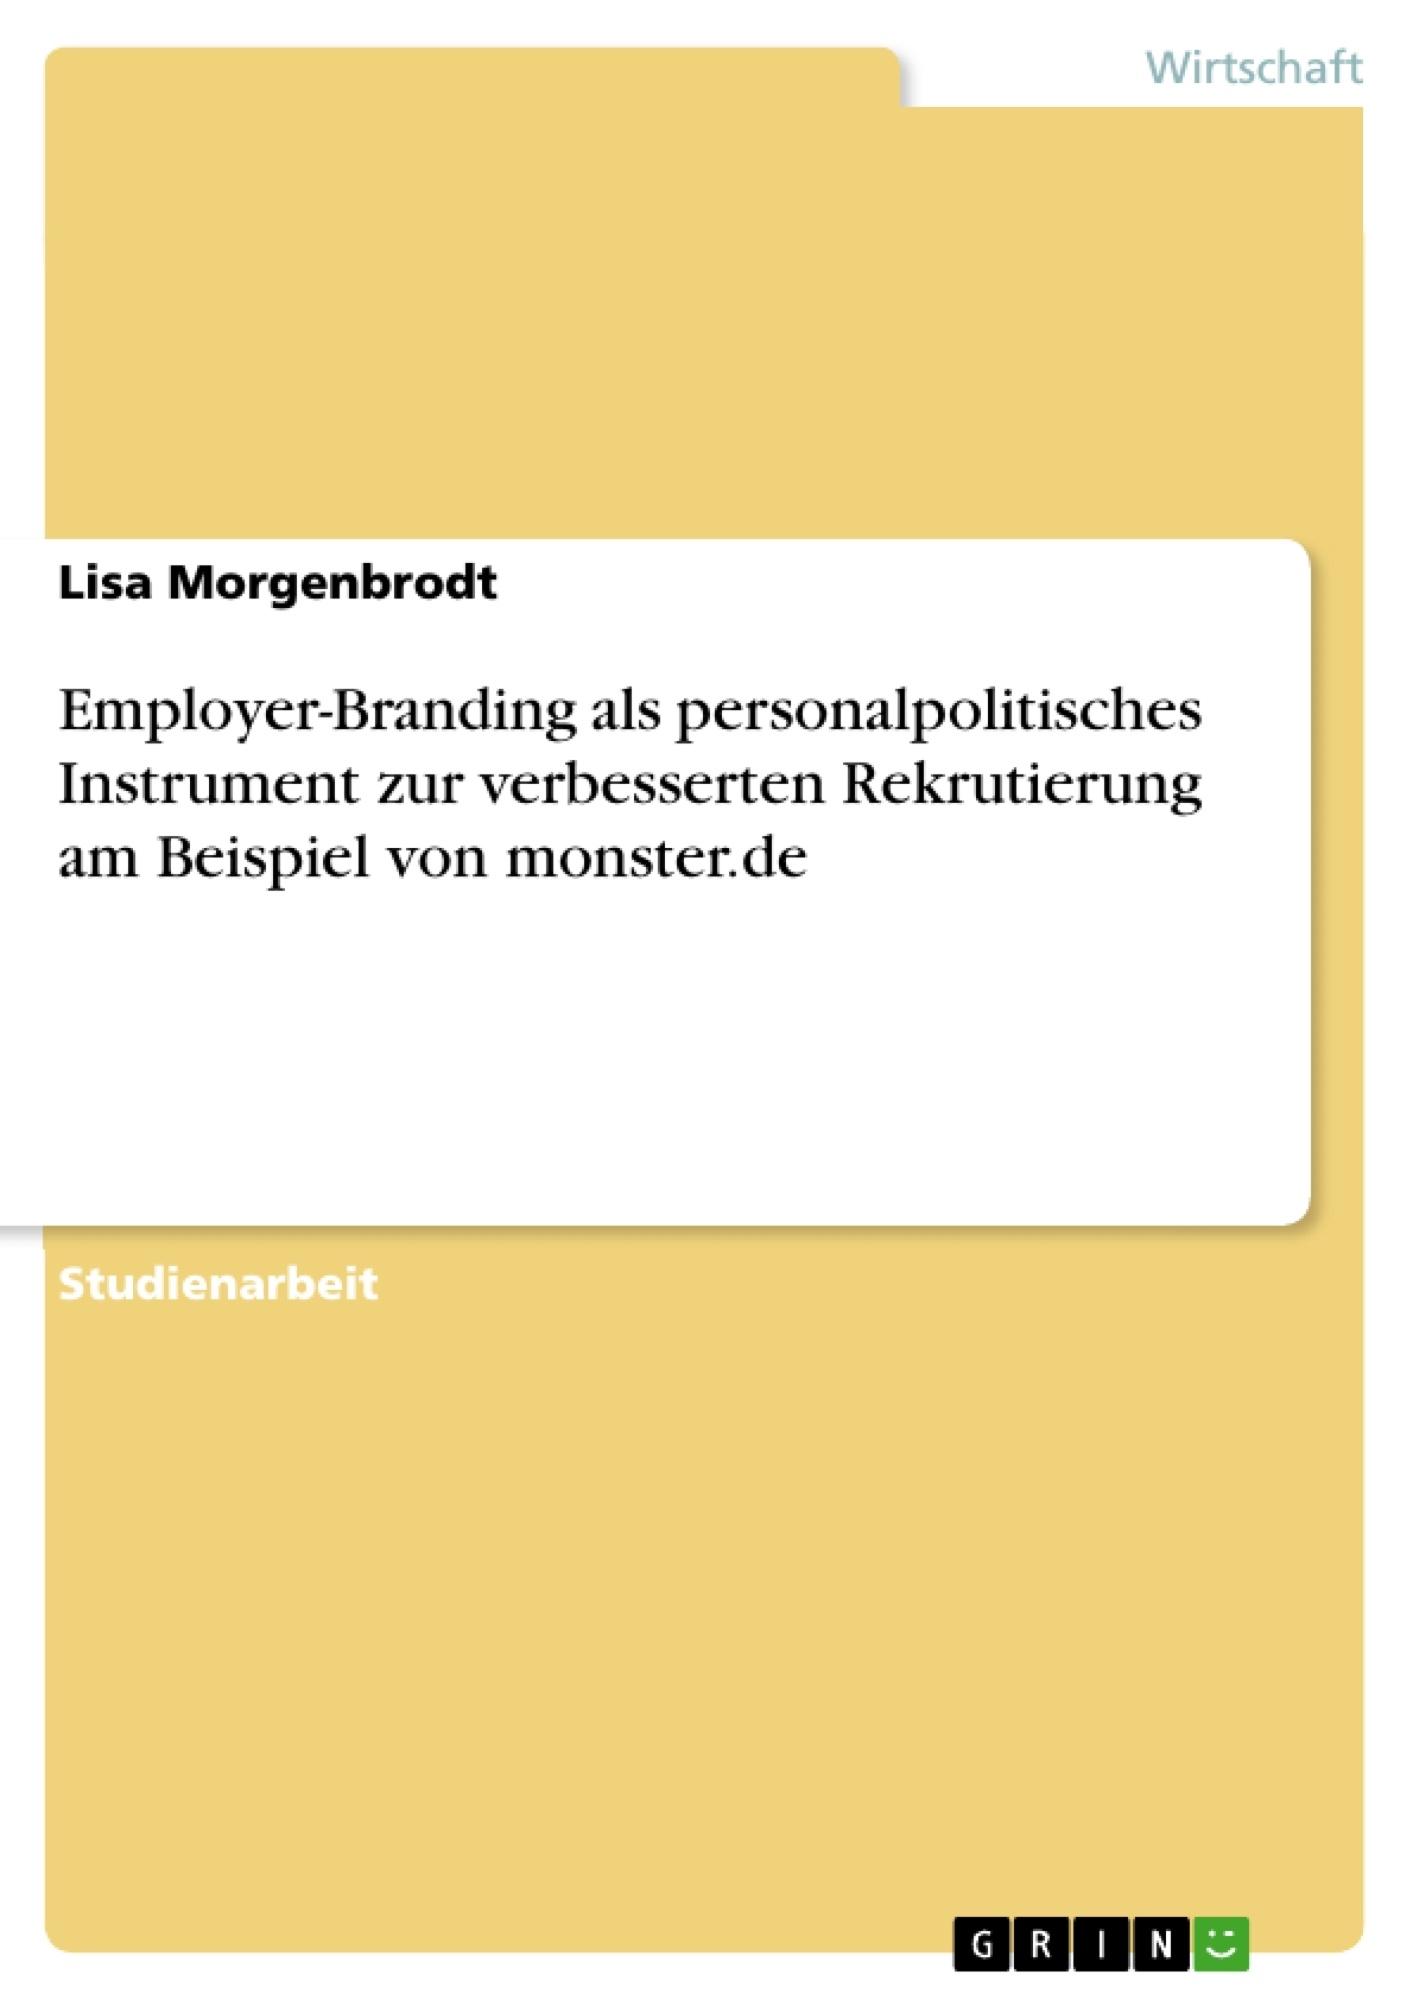 Titel: Employer-Branding als personalpolitisches Instrument zur verbesserten Rekrutierung am Beispiel von monster.de